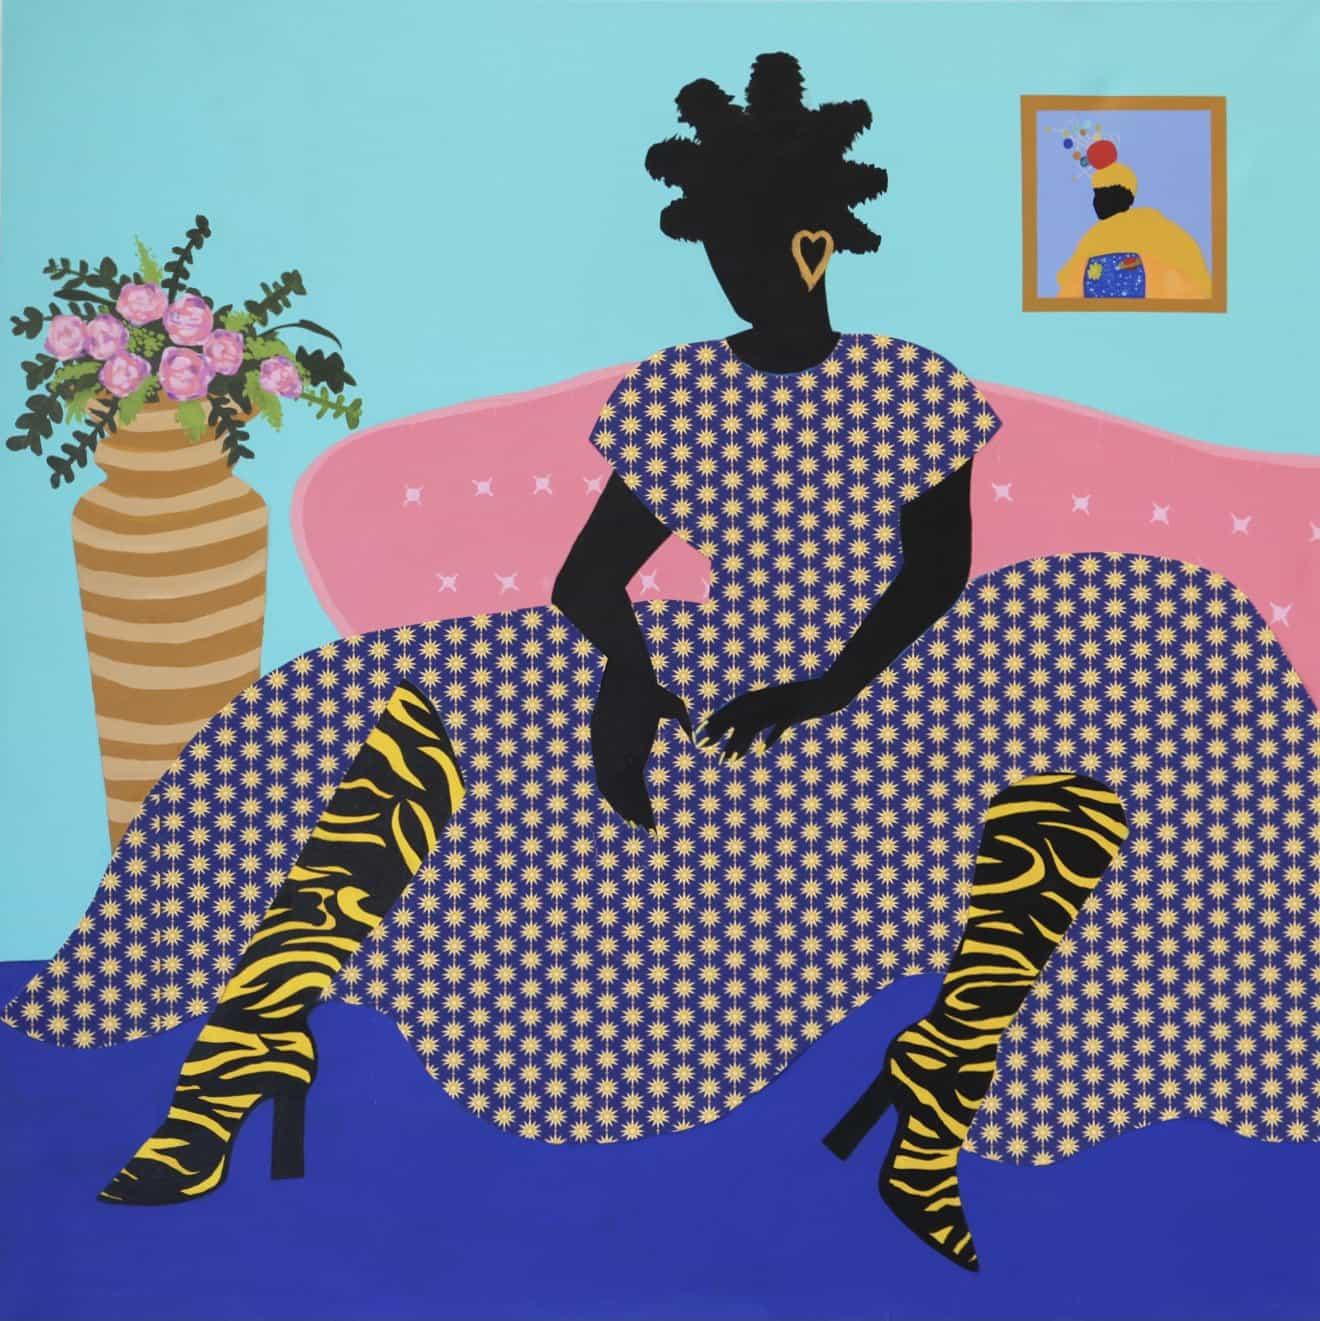 Jamilla Okubo es un artista interdisciplinario que explora la experiencia humana, la historia y la identidad